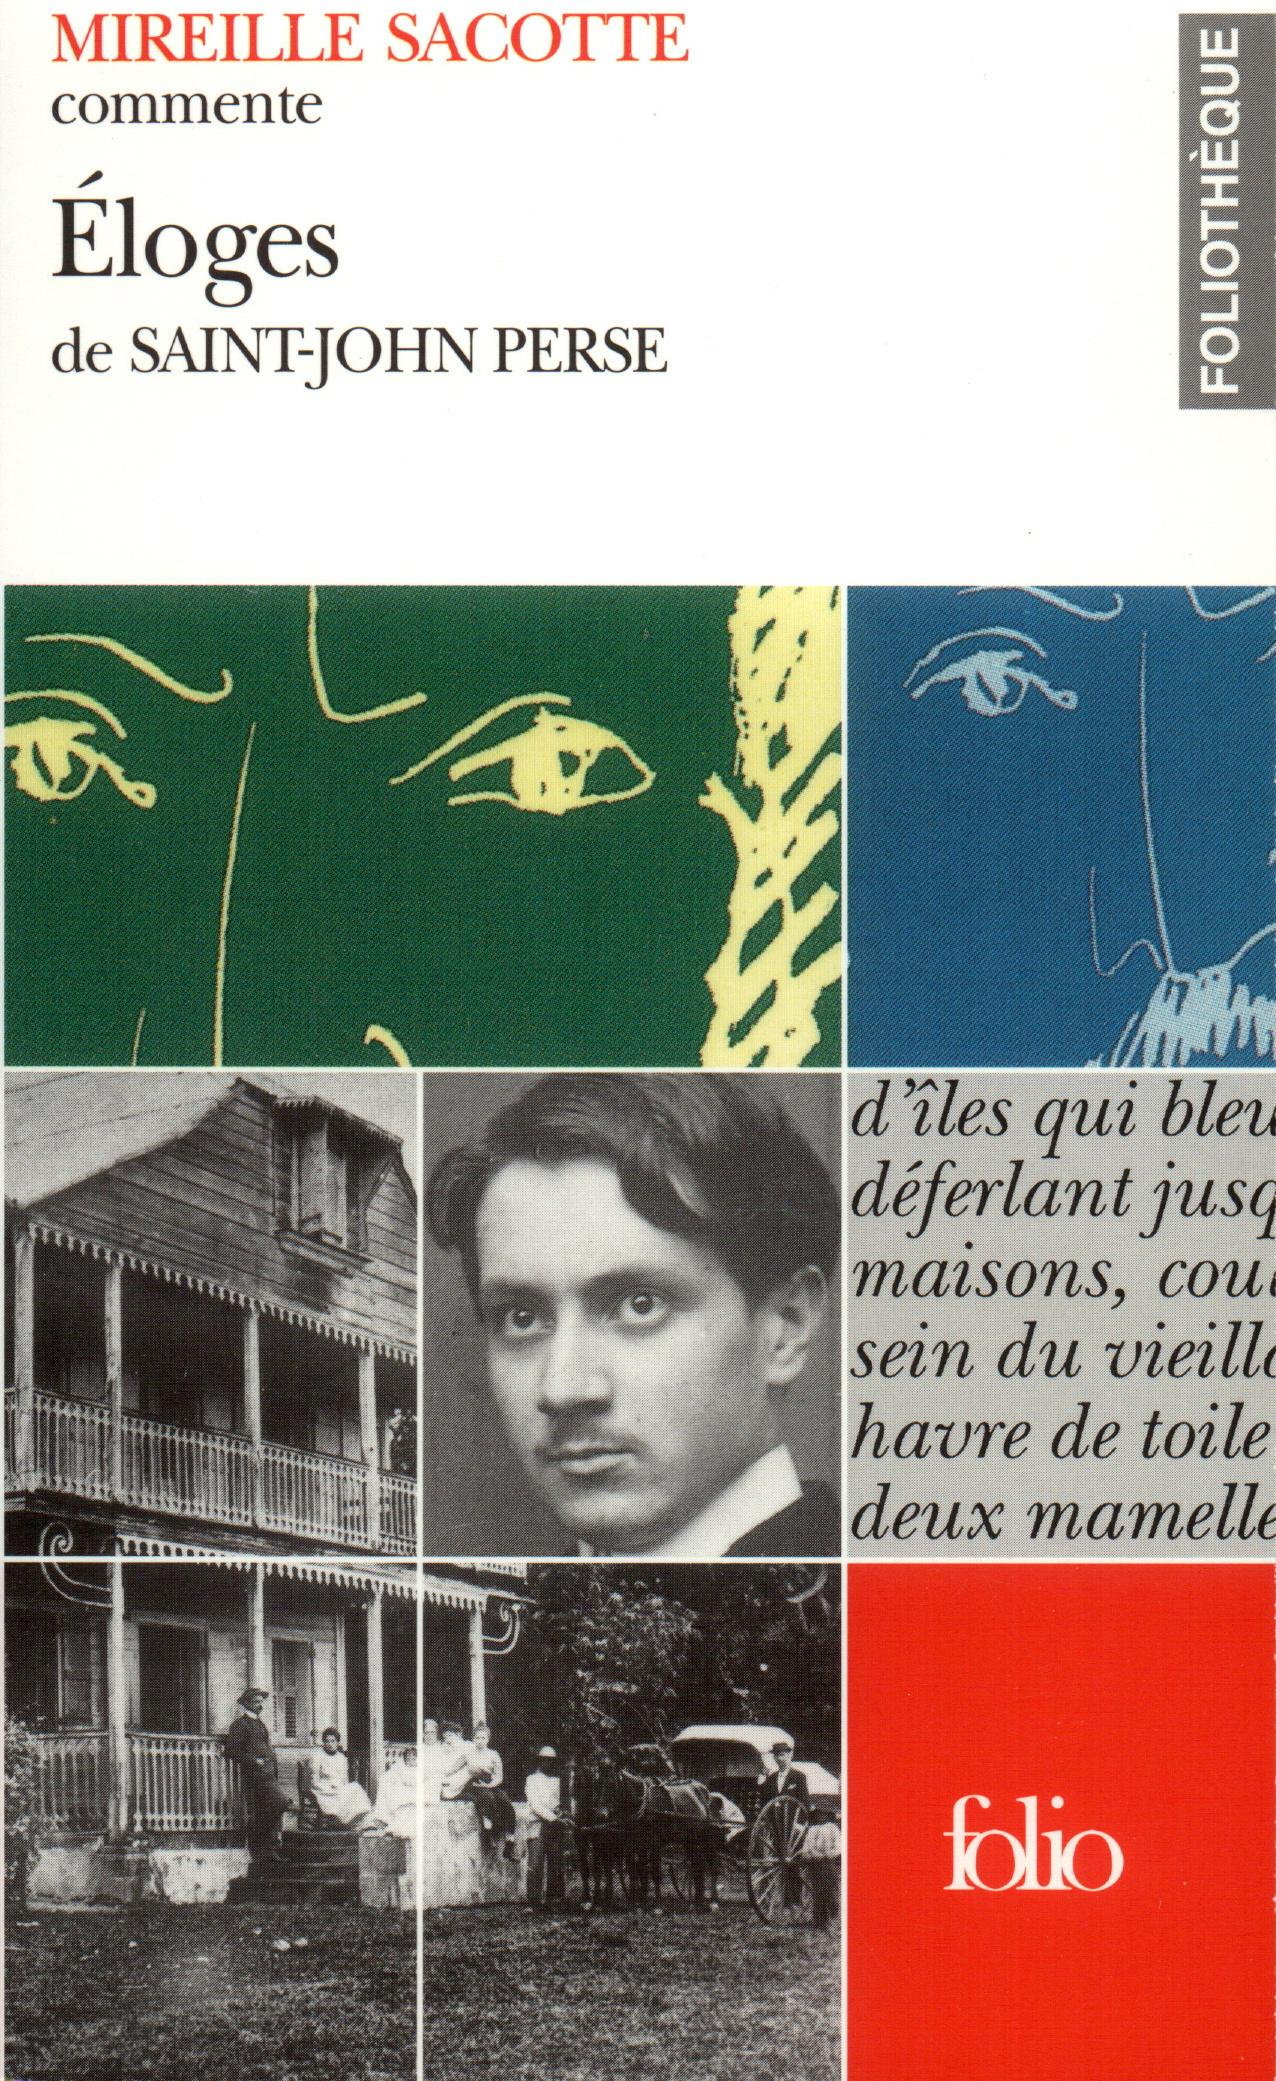 """""""ELOGES"""" ET """"LA GLOIRE DES ROIS"""" DE SAINT-JOHN PERSE"""